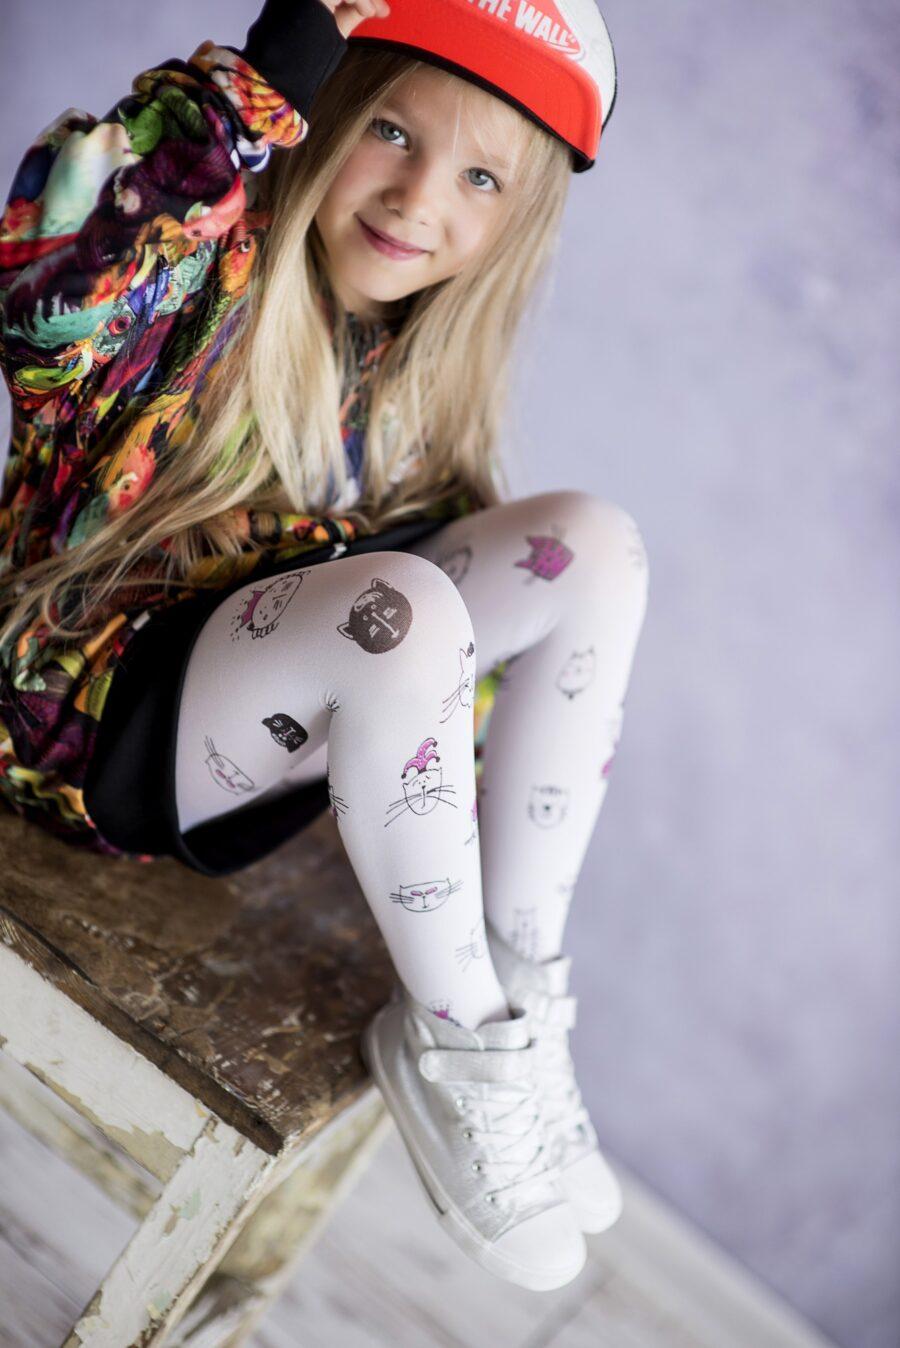 Rajstopy dziewczęce marki KNITTEX model CRAZY CAT 40 DEN